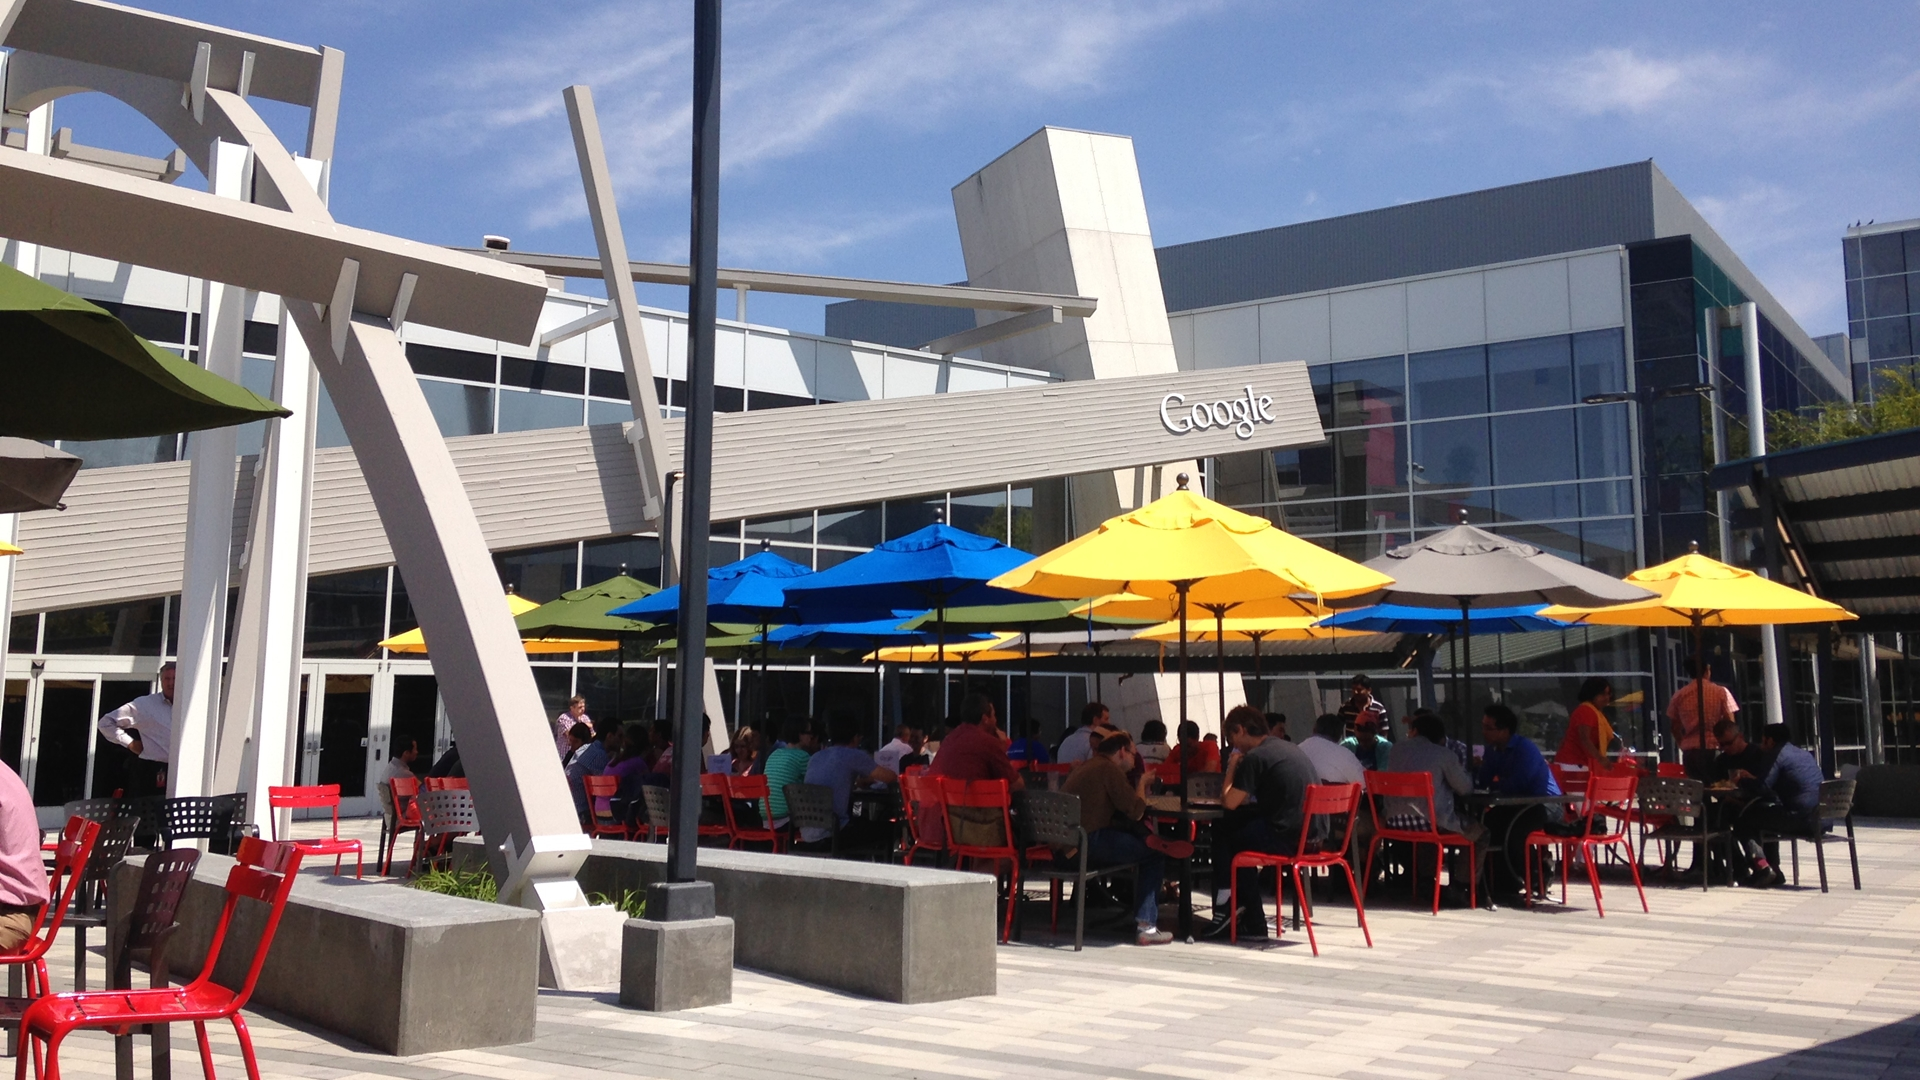 Googleplex patio